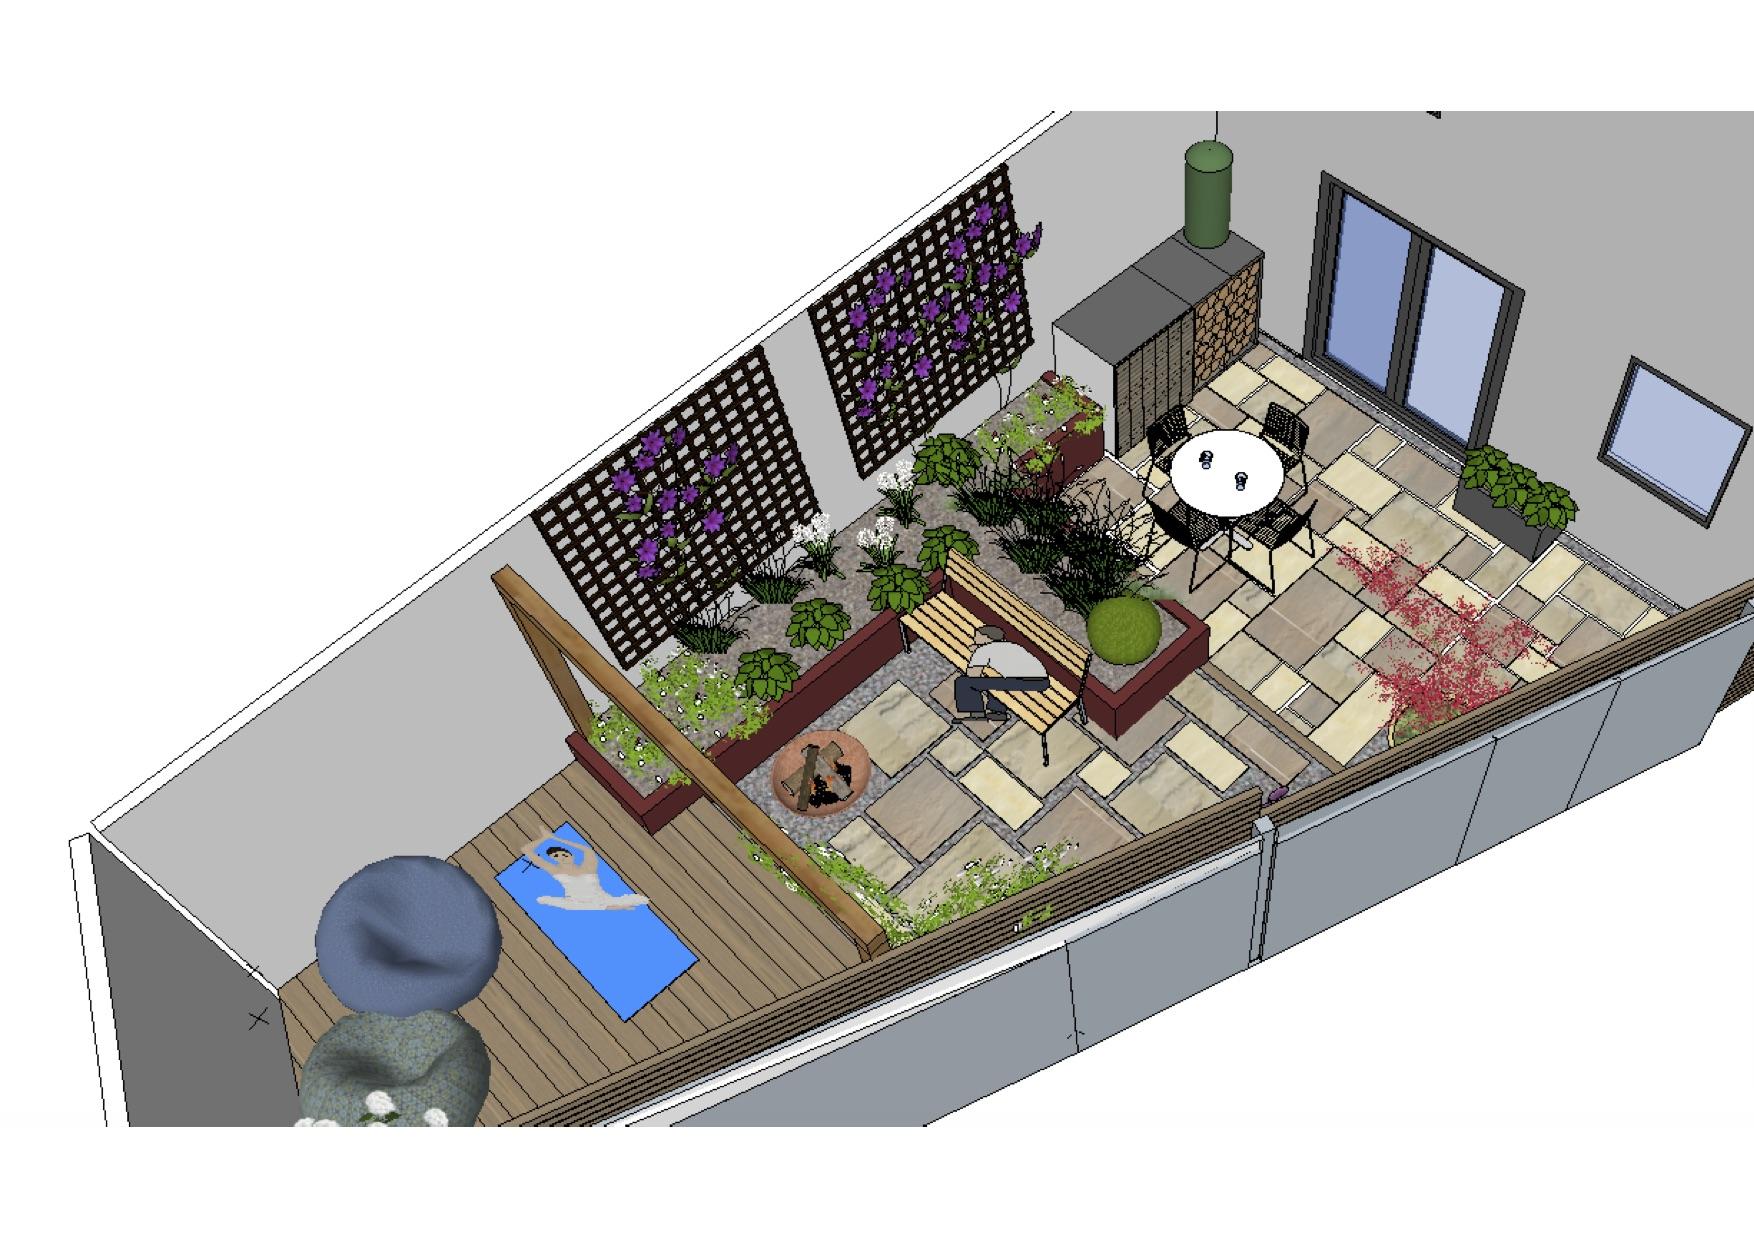 Schematic isotropic view of yoga garden